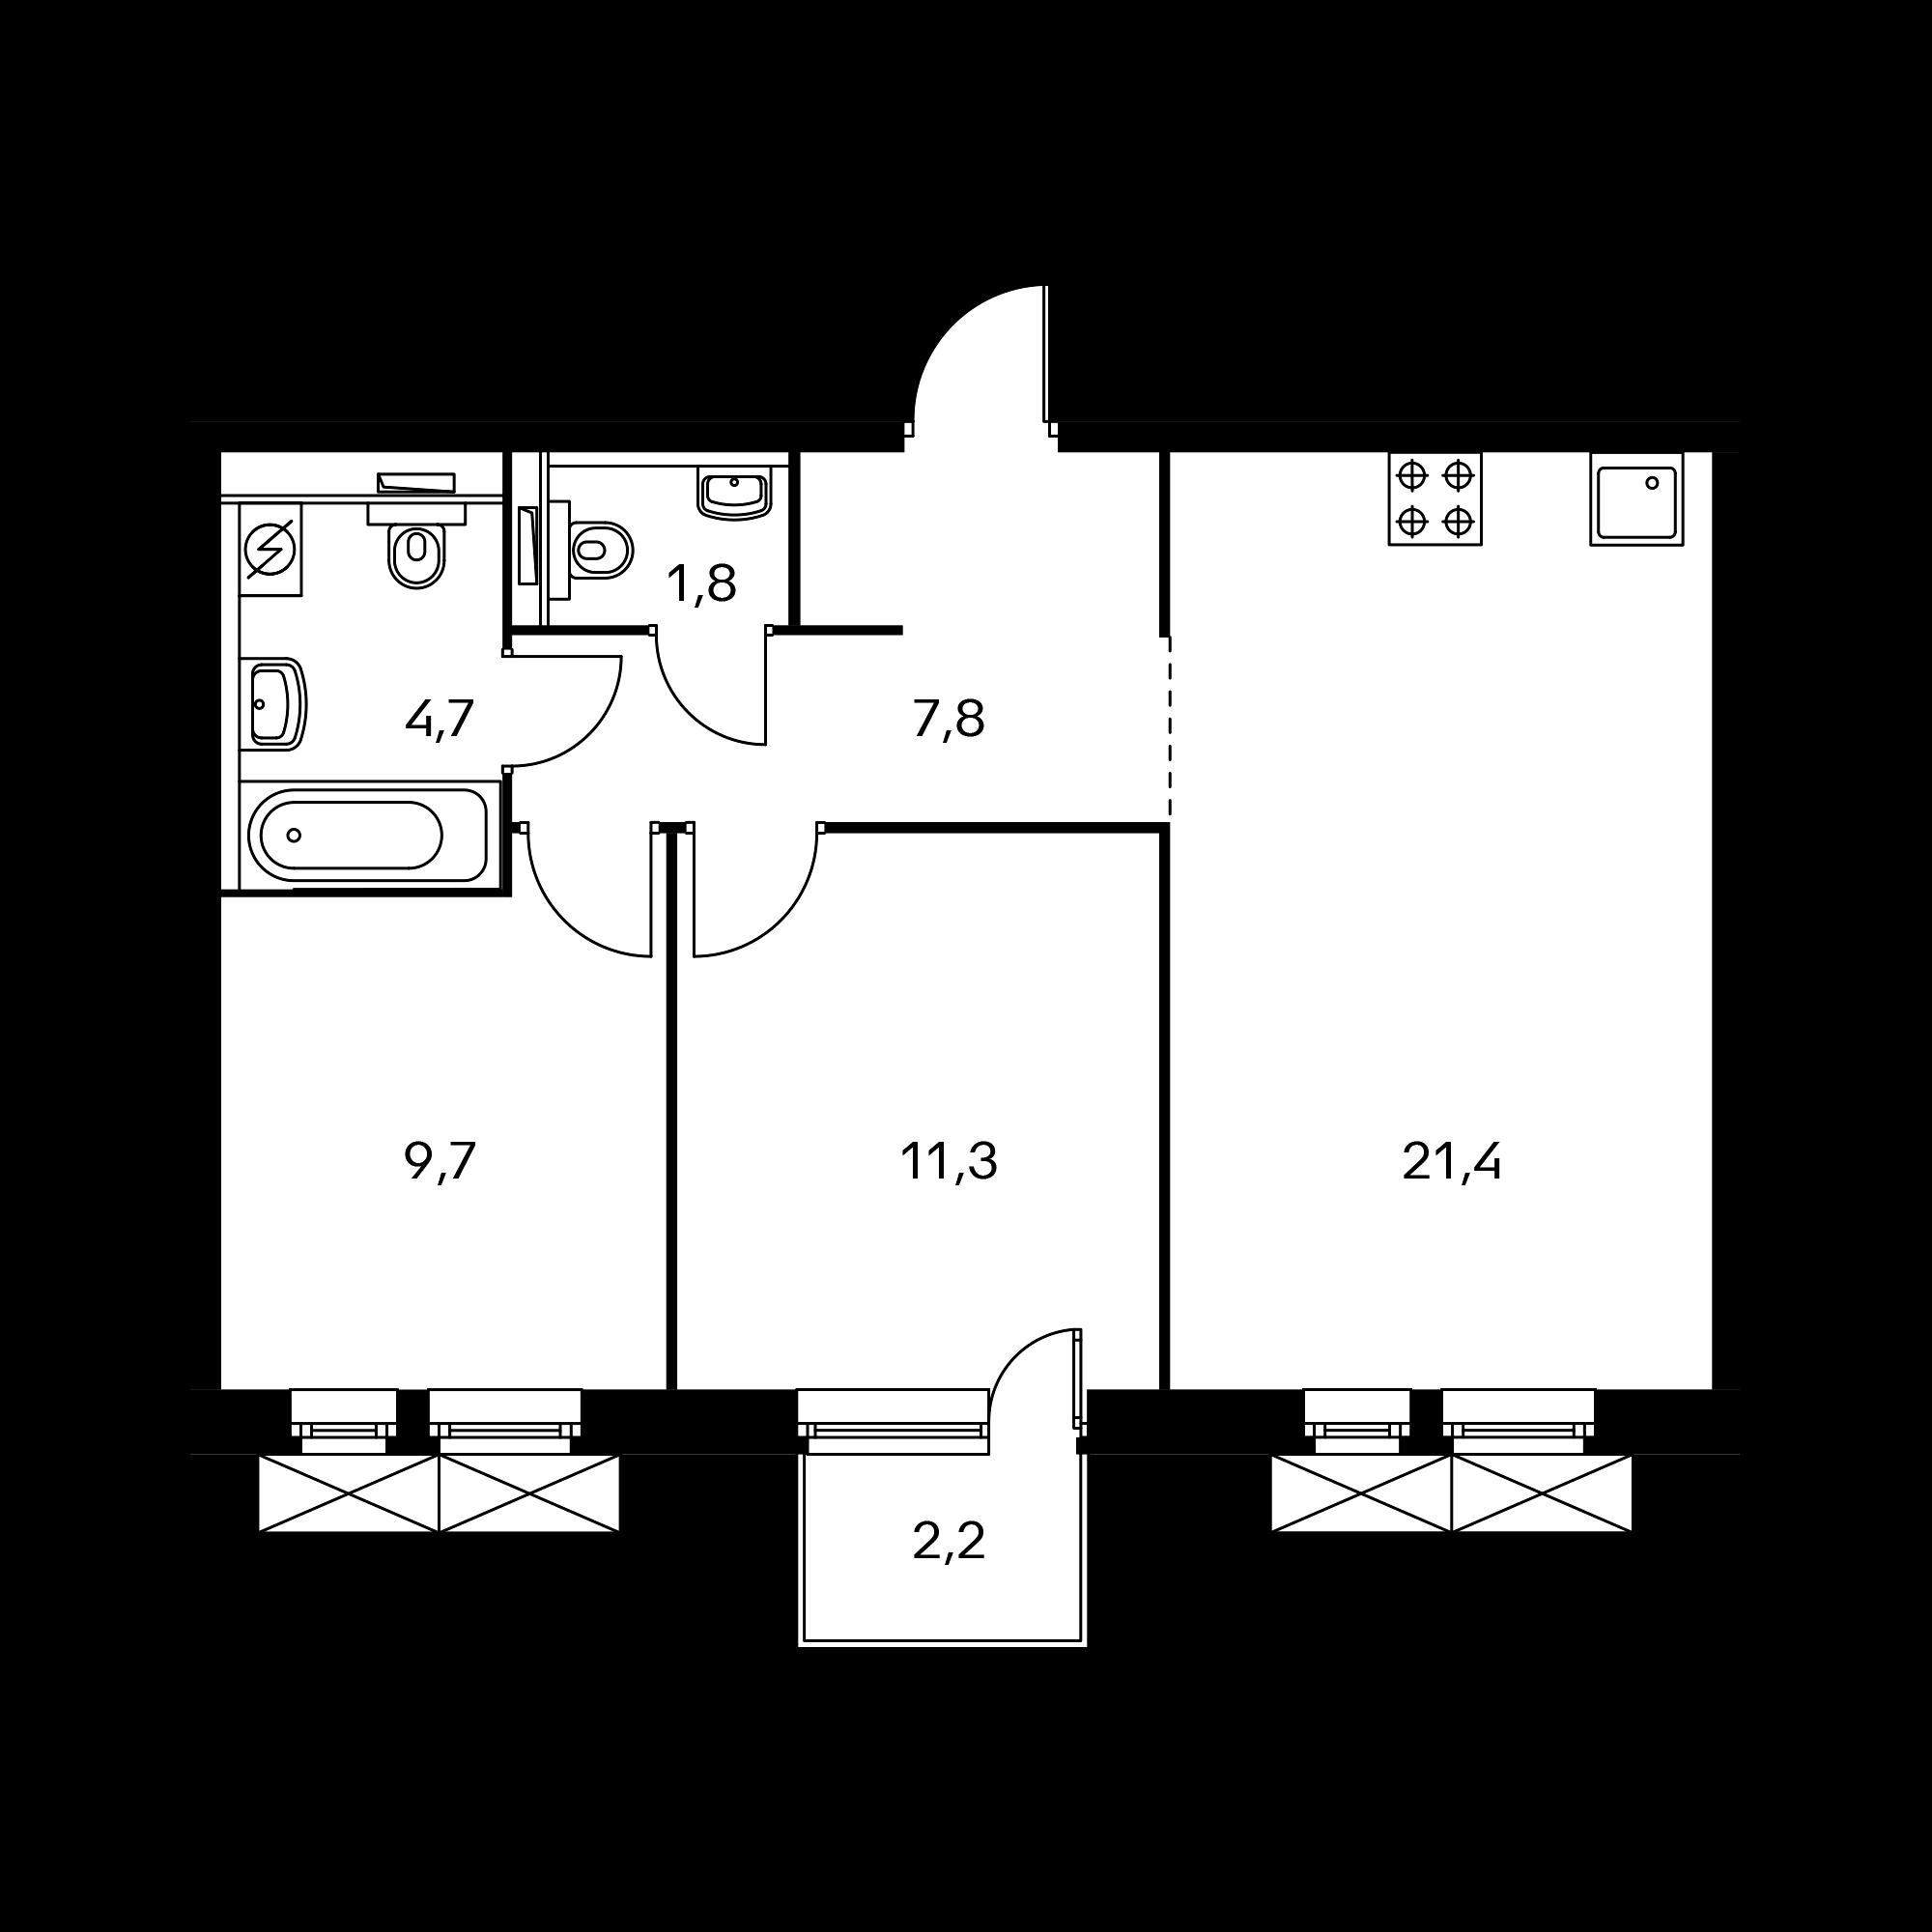 2EM9_9.9-1_S_AB1